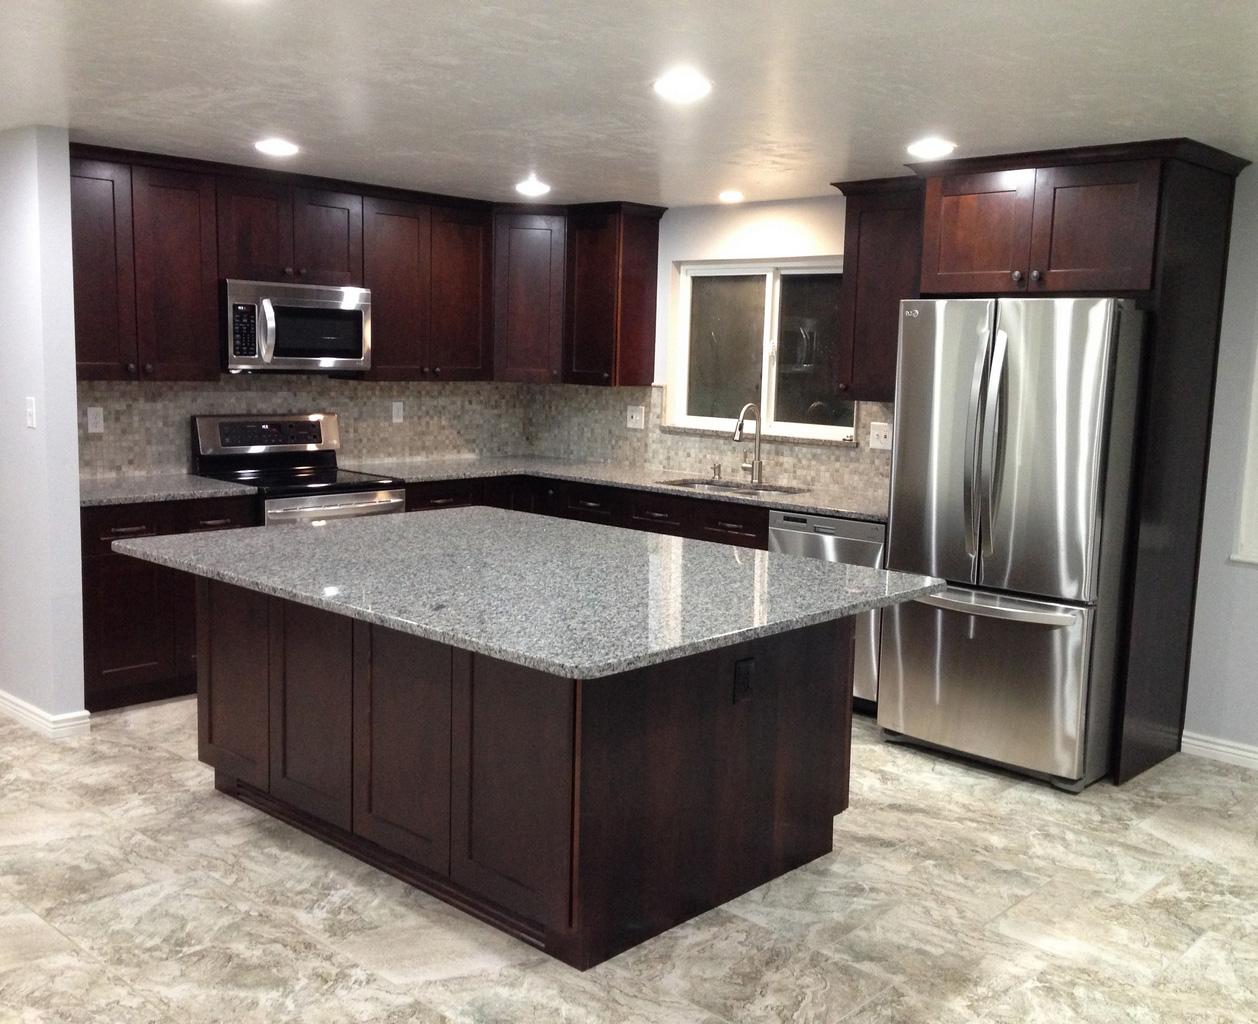 Kitchen-Shaker-Style-Espresso-Kitchen-Cabinets-espresso shaker cabinets